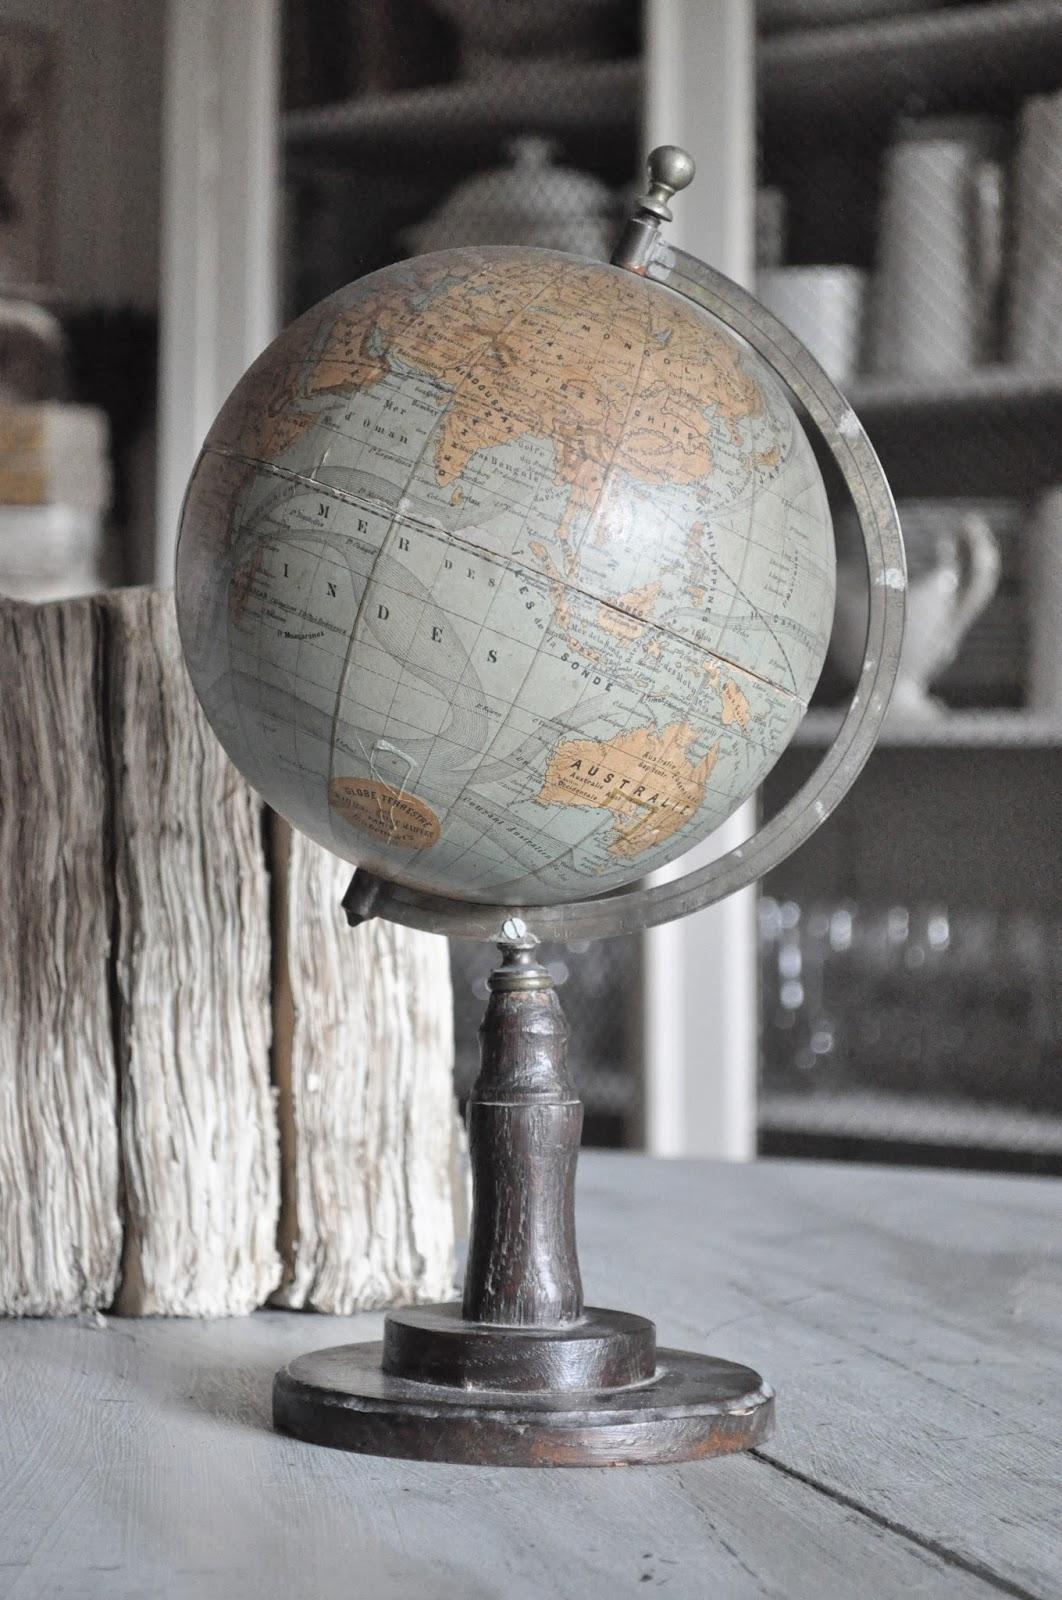 la m re d 39 une parisienne vide son grenier globe terrestre. Black Bedroom Furniture Sets. Home Design Ideas